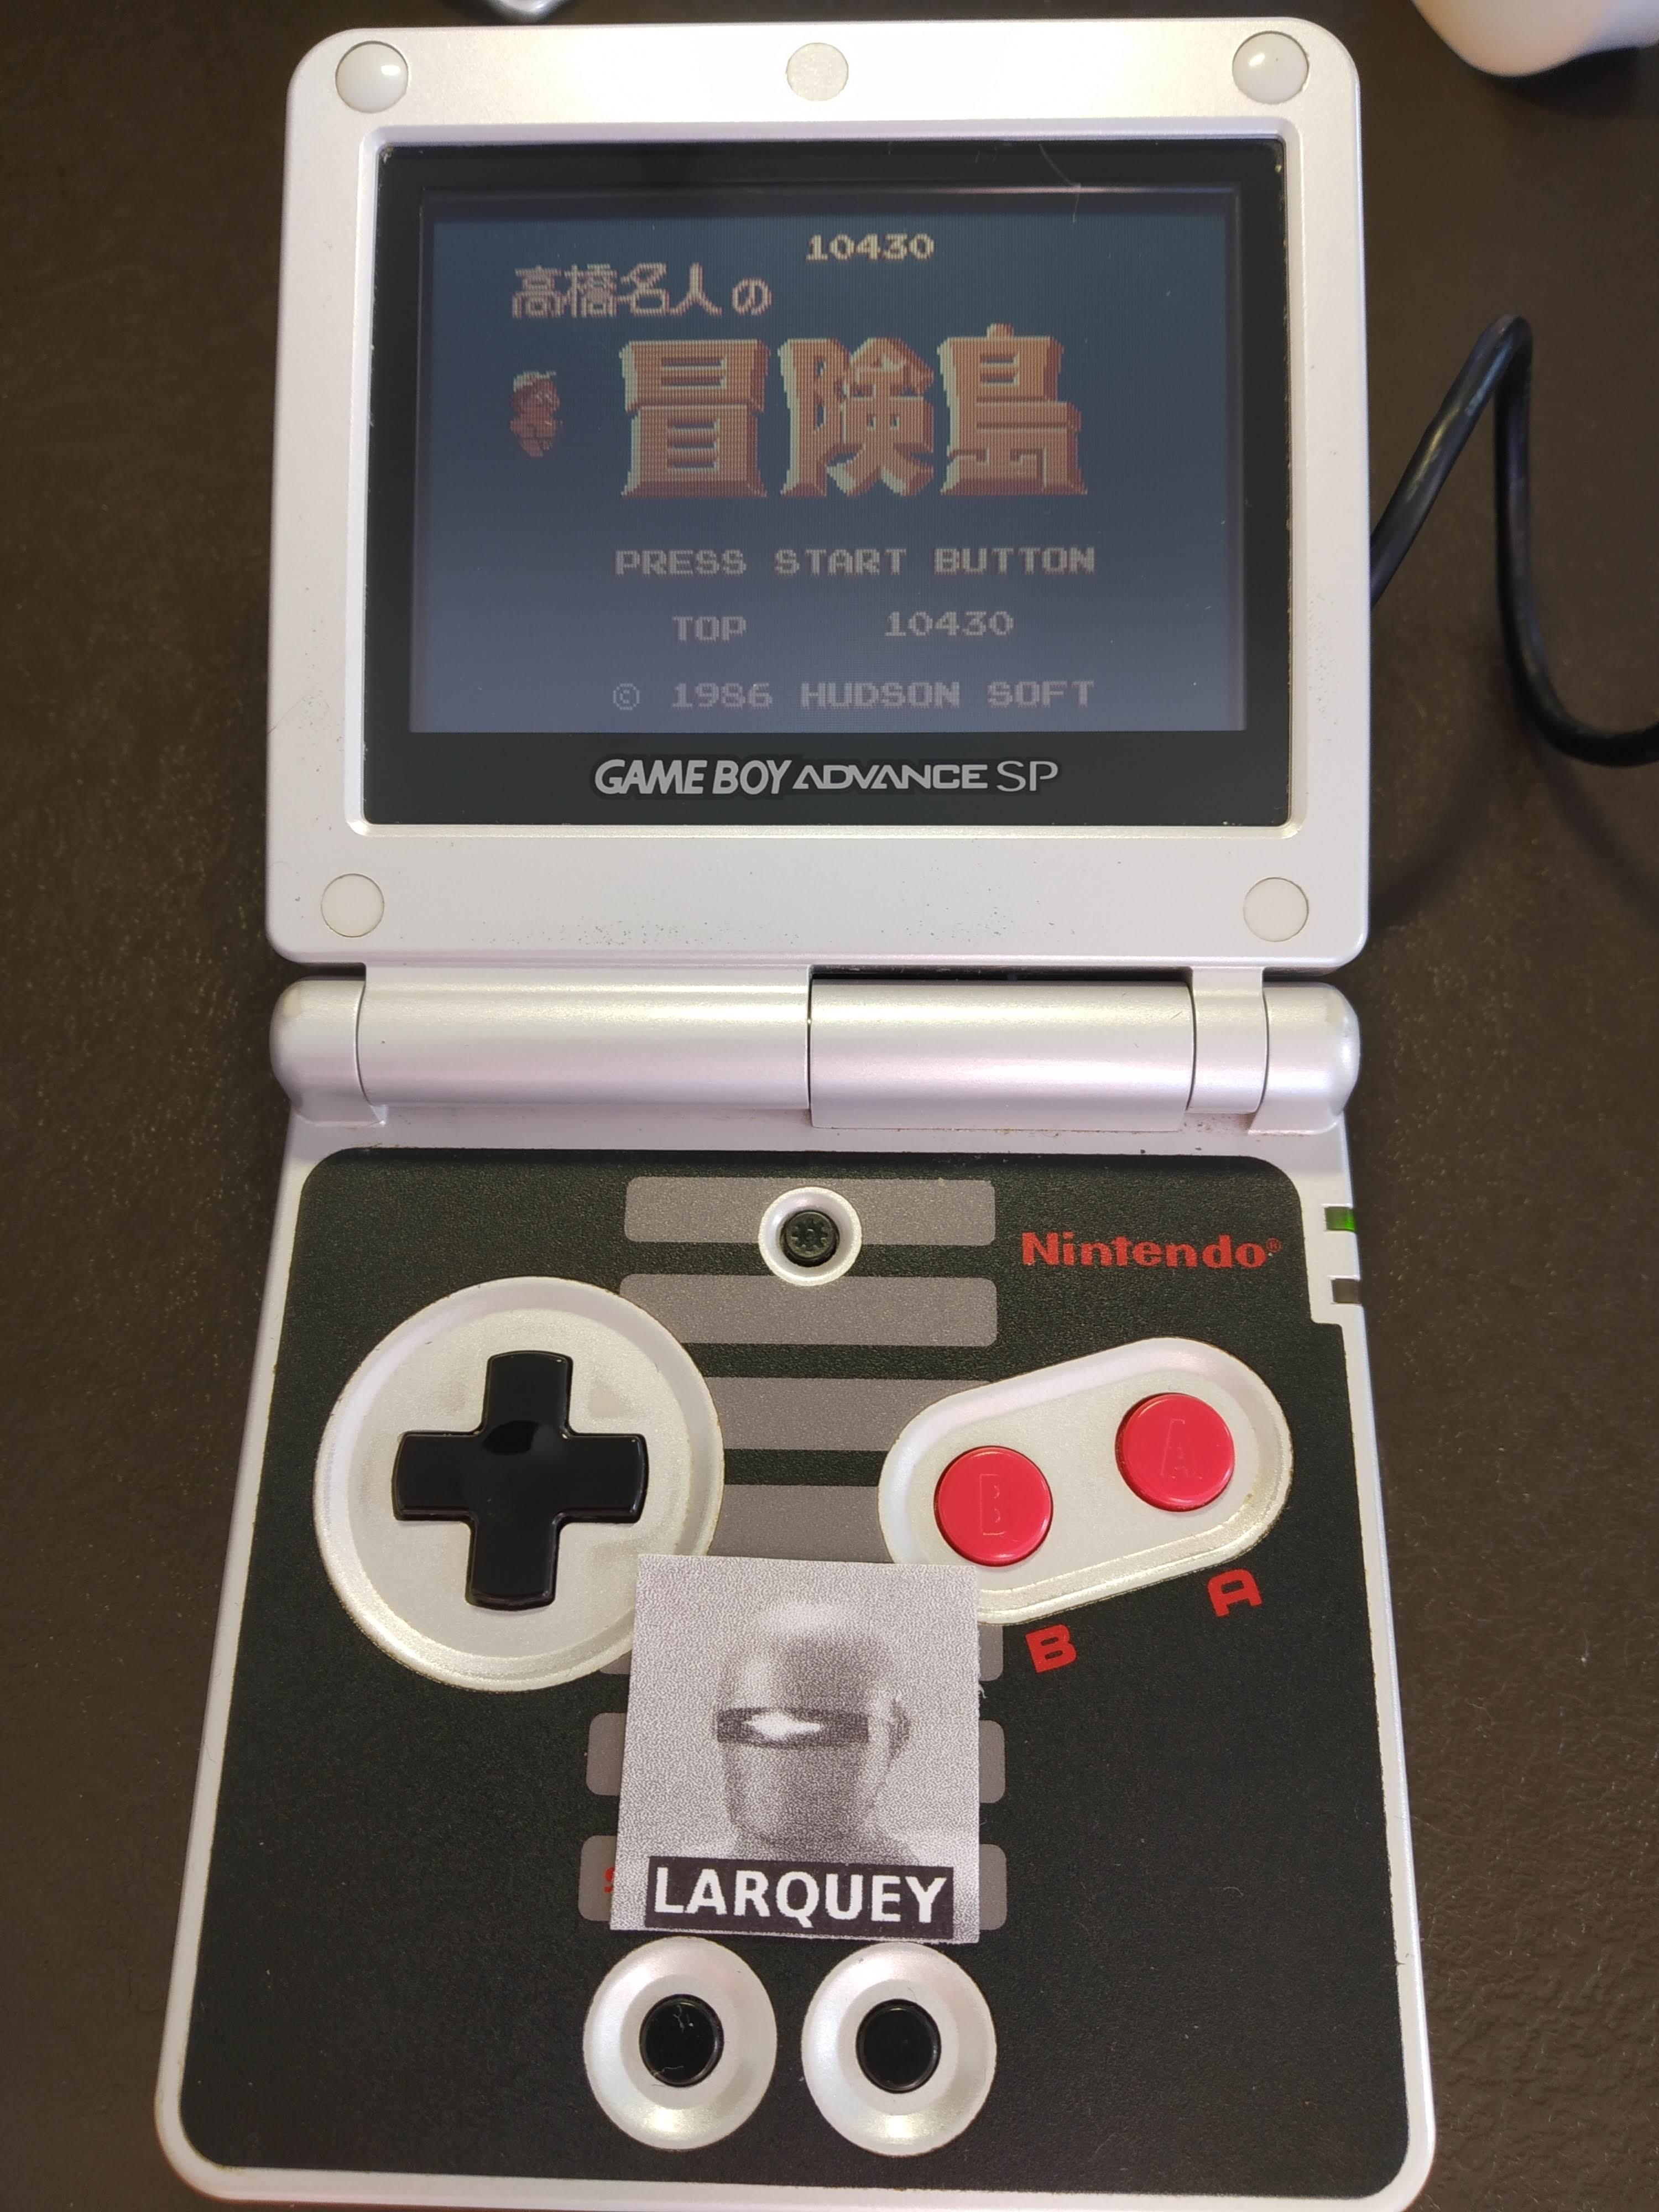 Larquey: Famicom Mini Vol. 17: Takahashi Meijin No Boukenjima (GBA) 10,430 points on 2019-12-27 07:16:17